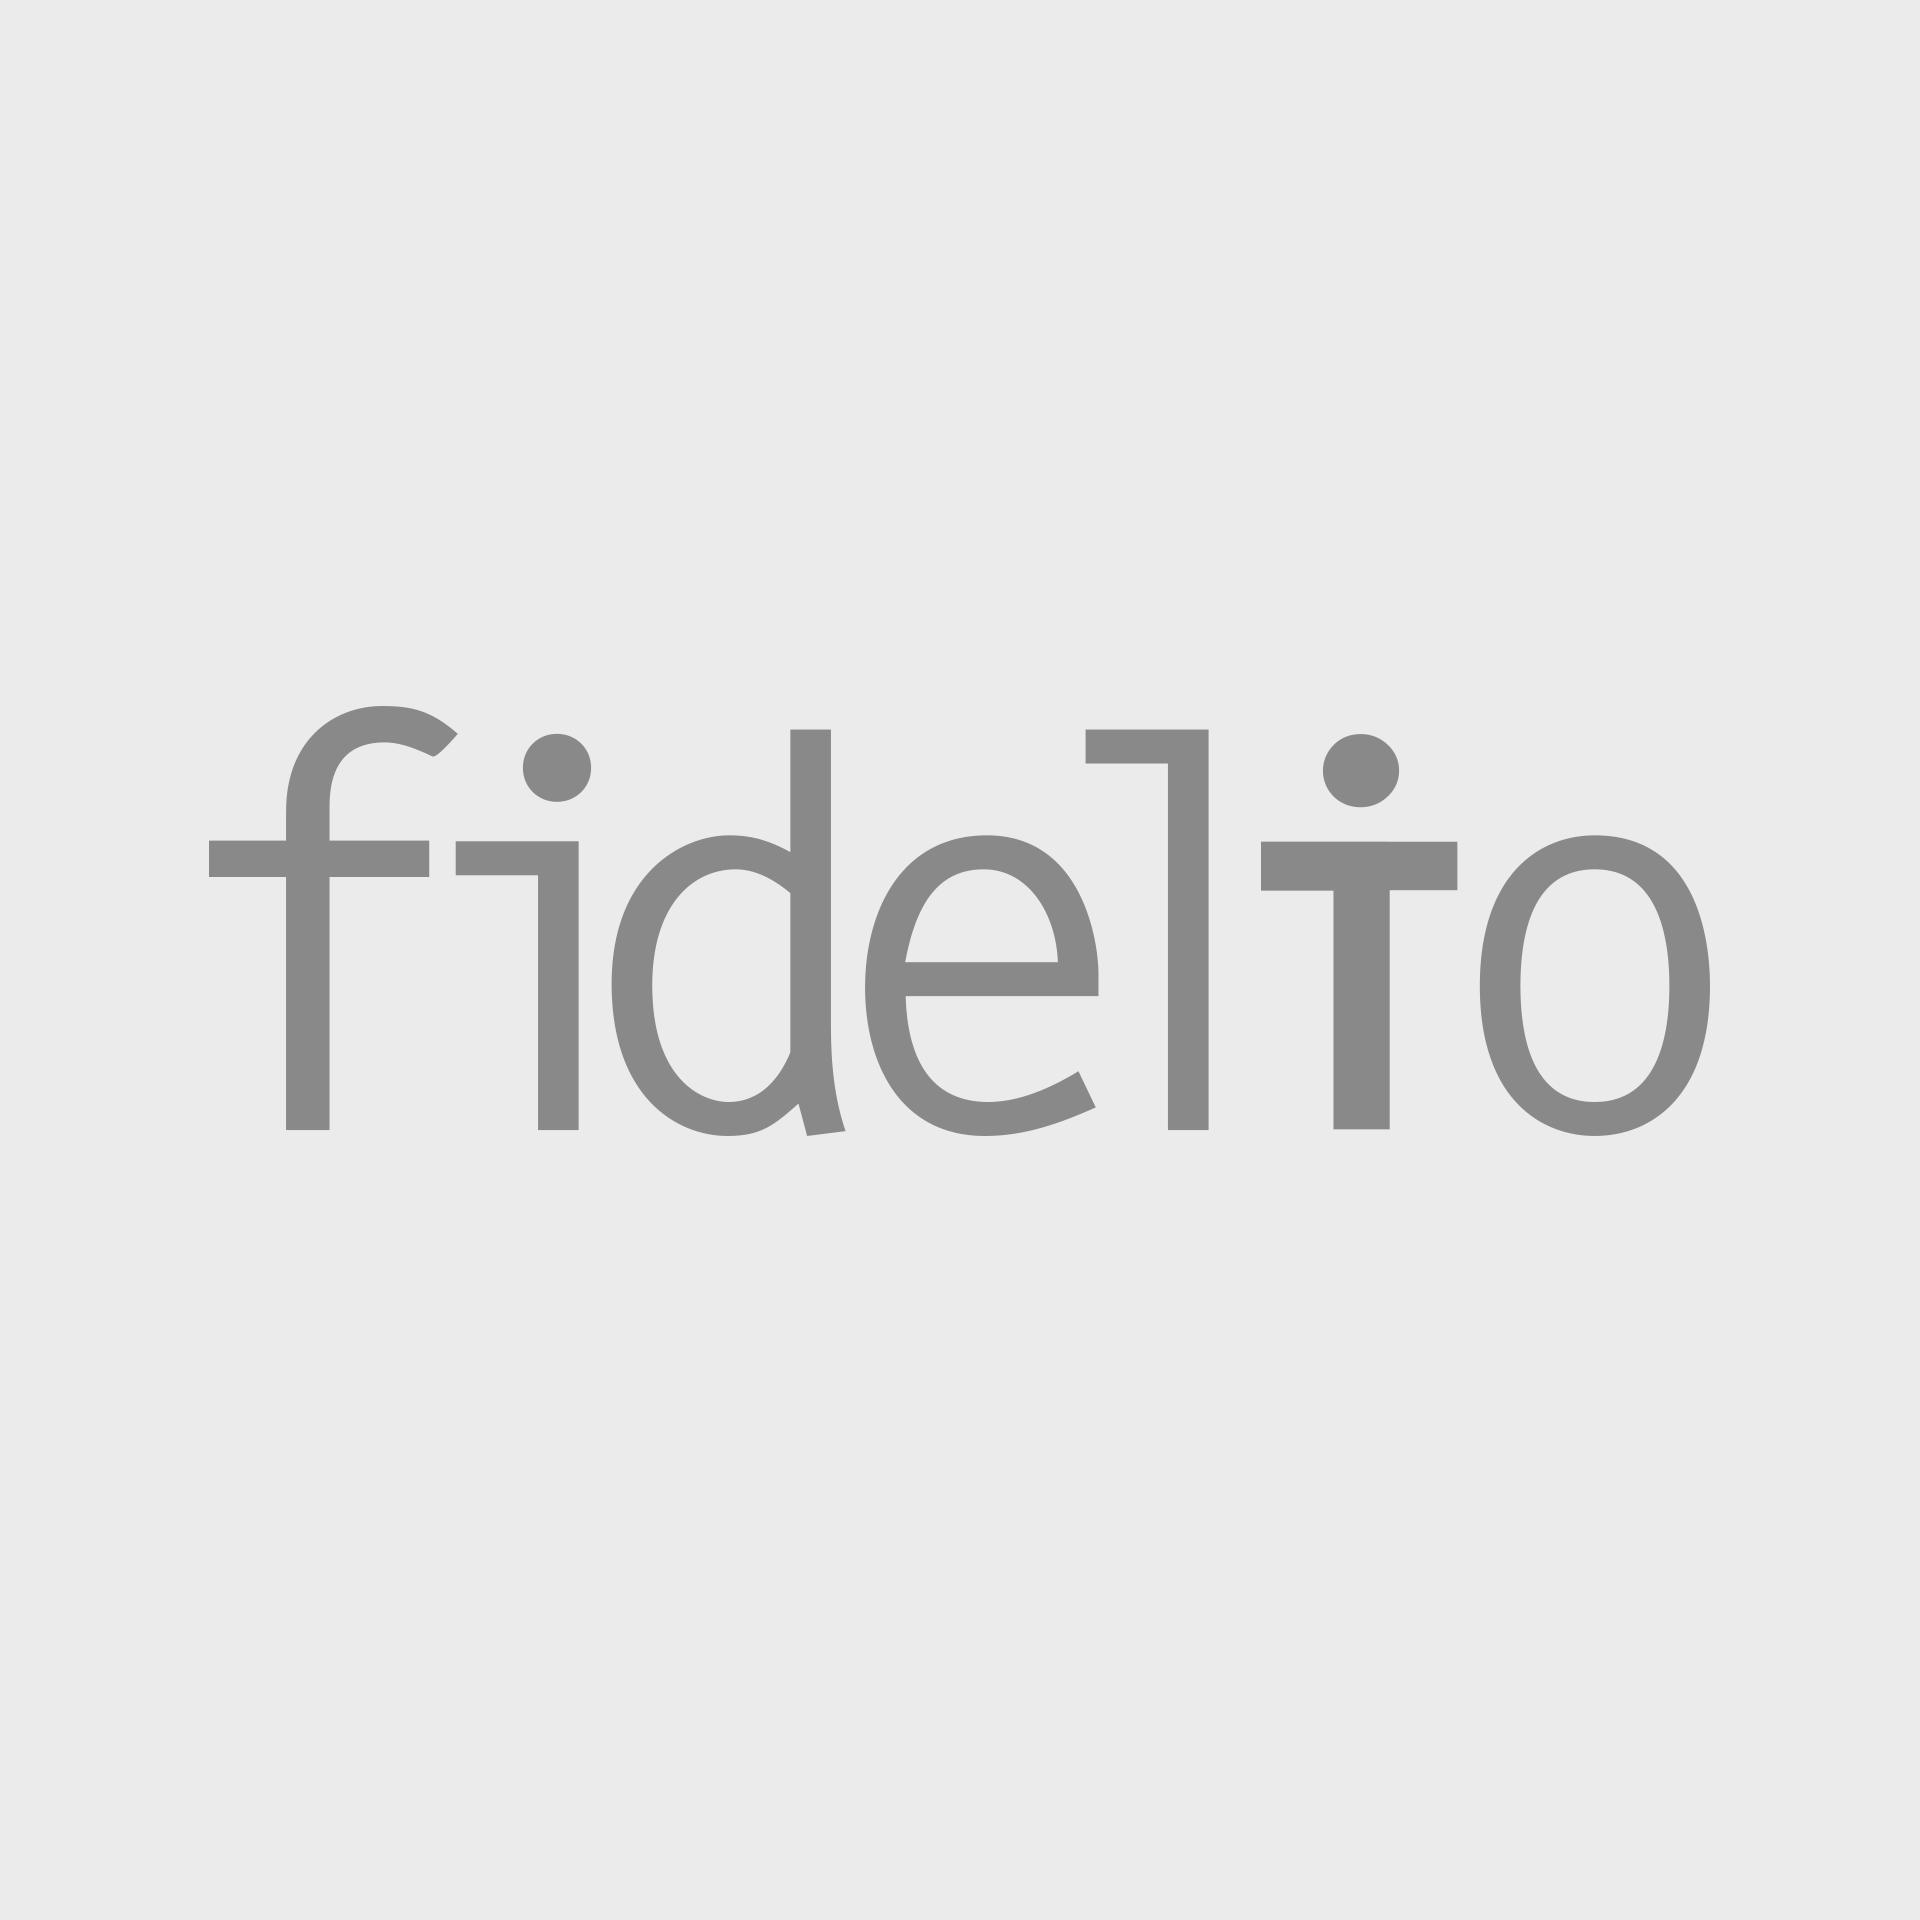 Petőfi Rádió logo 2012.png